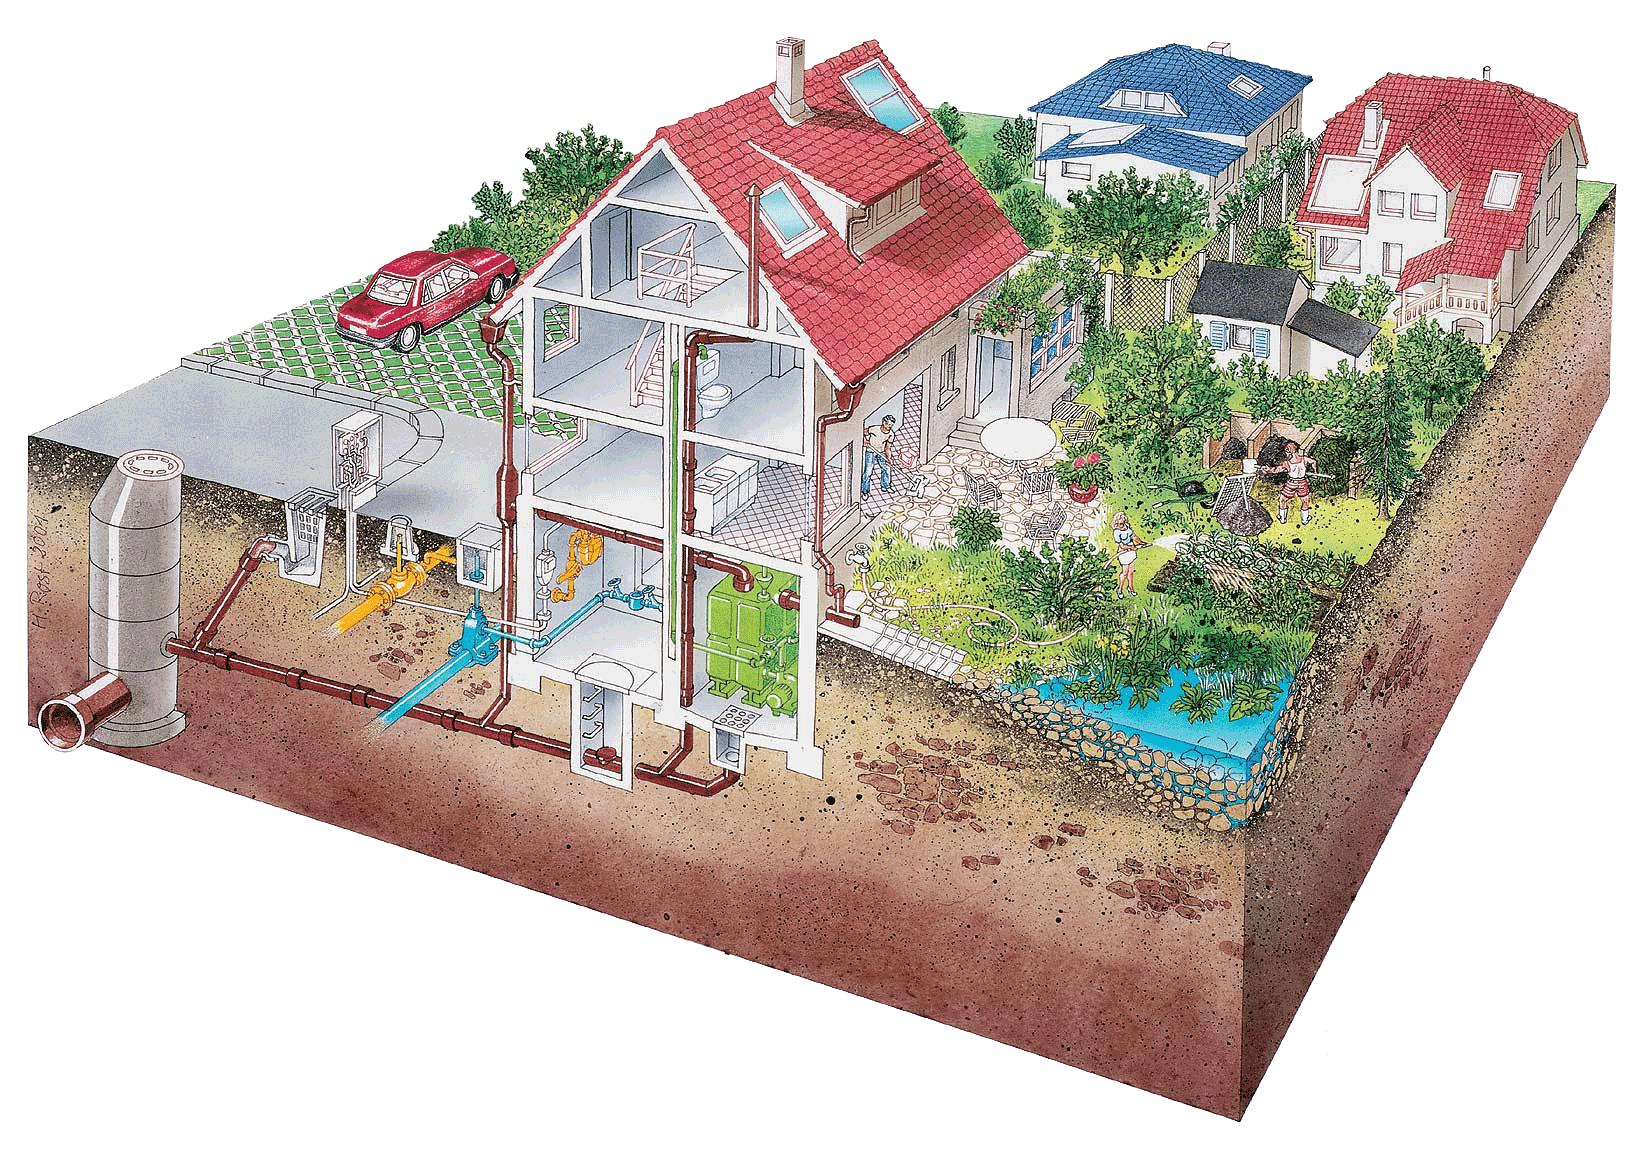 Illustration mit verschiedenen Anwendungsbereichen von Trinkwassr in Haushalten